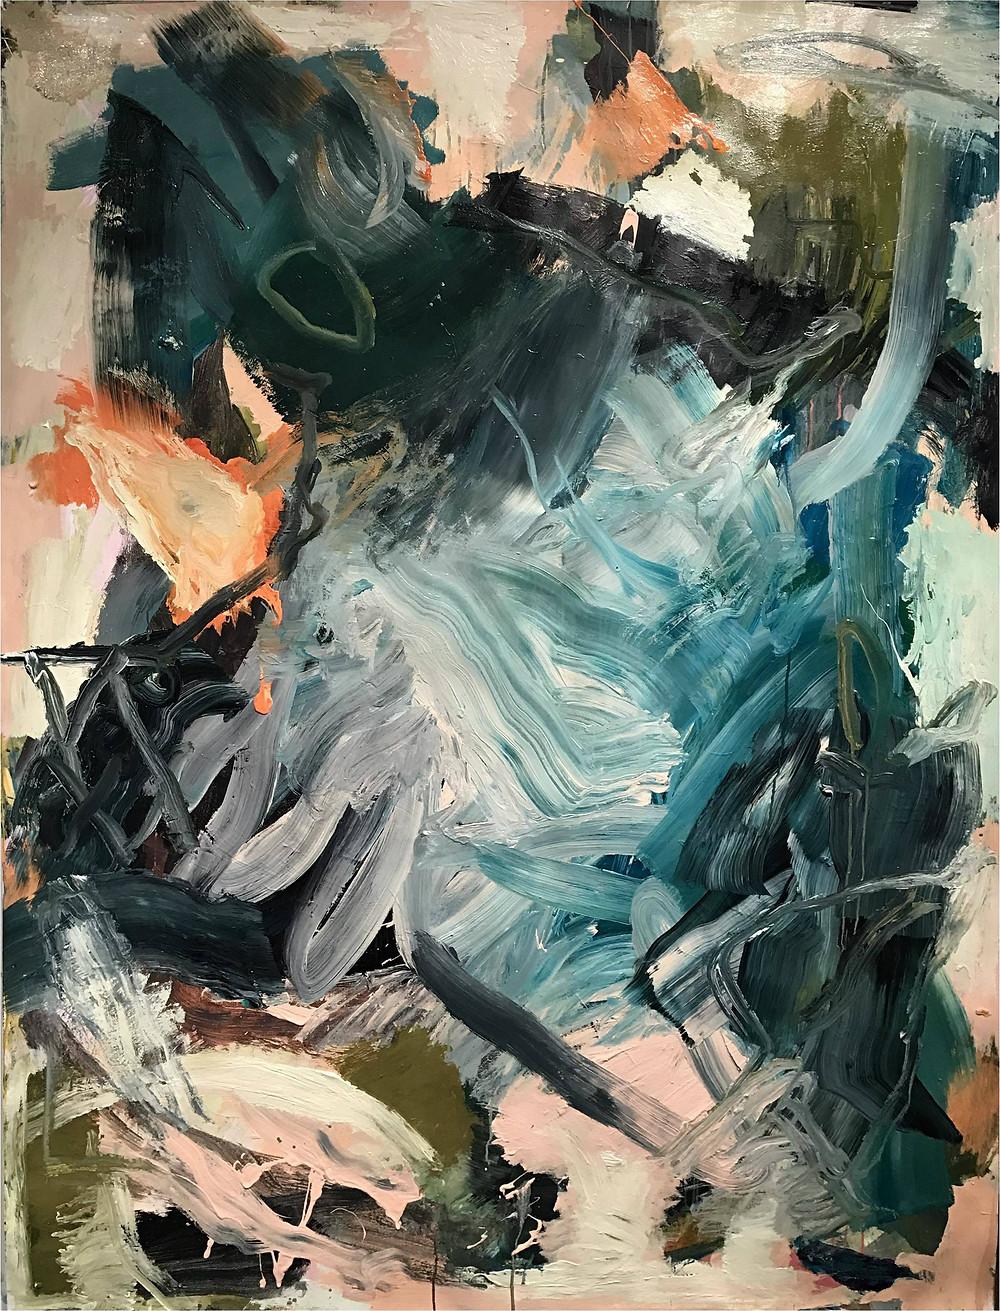 Trolley Dash Ian Rayer-Smith Peinture à l'acrylique sur toile, 2017 Artismagna